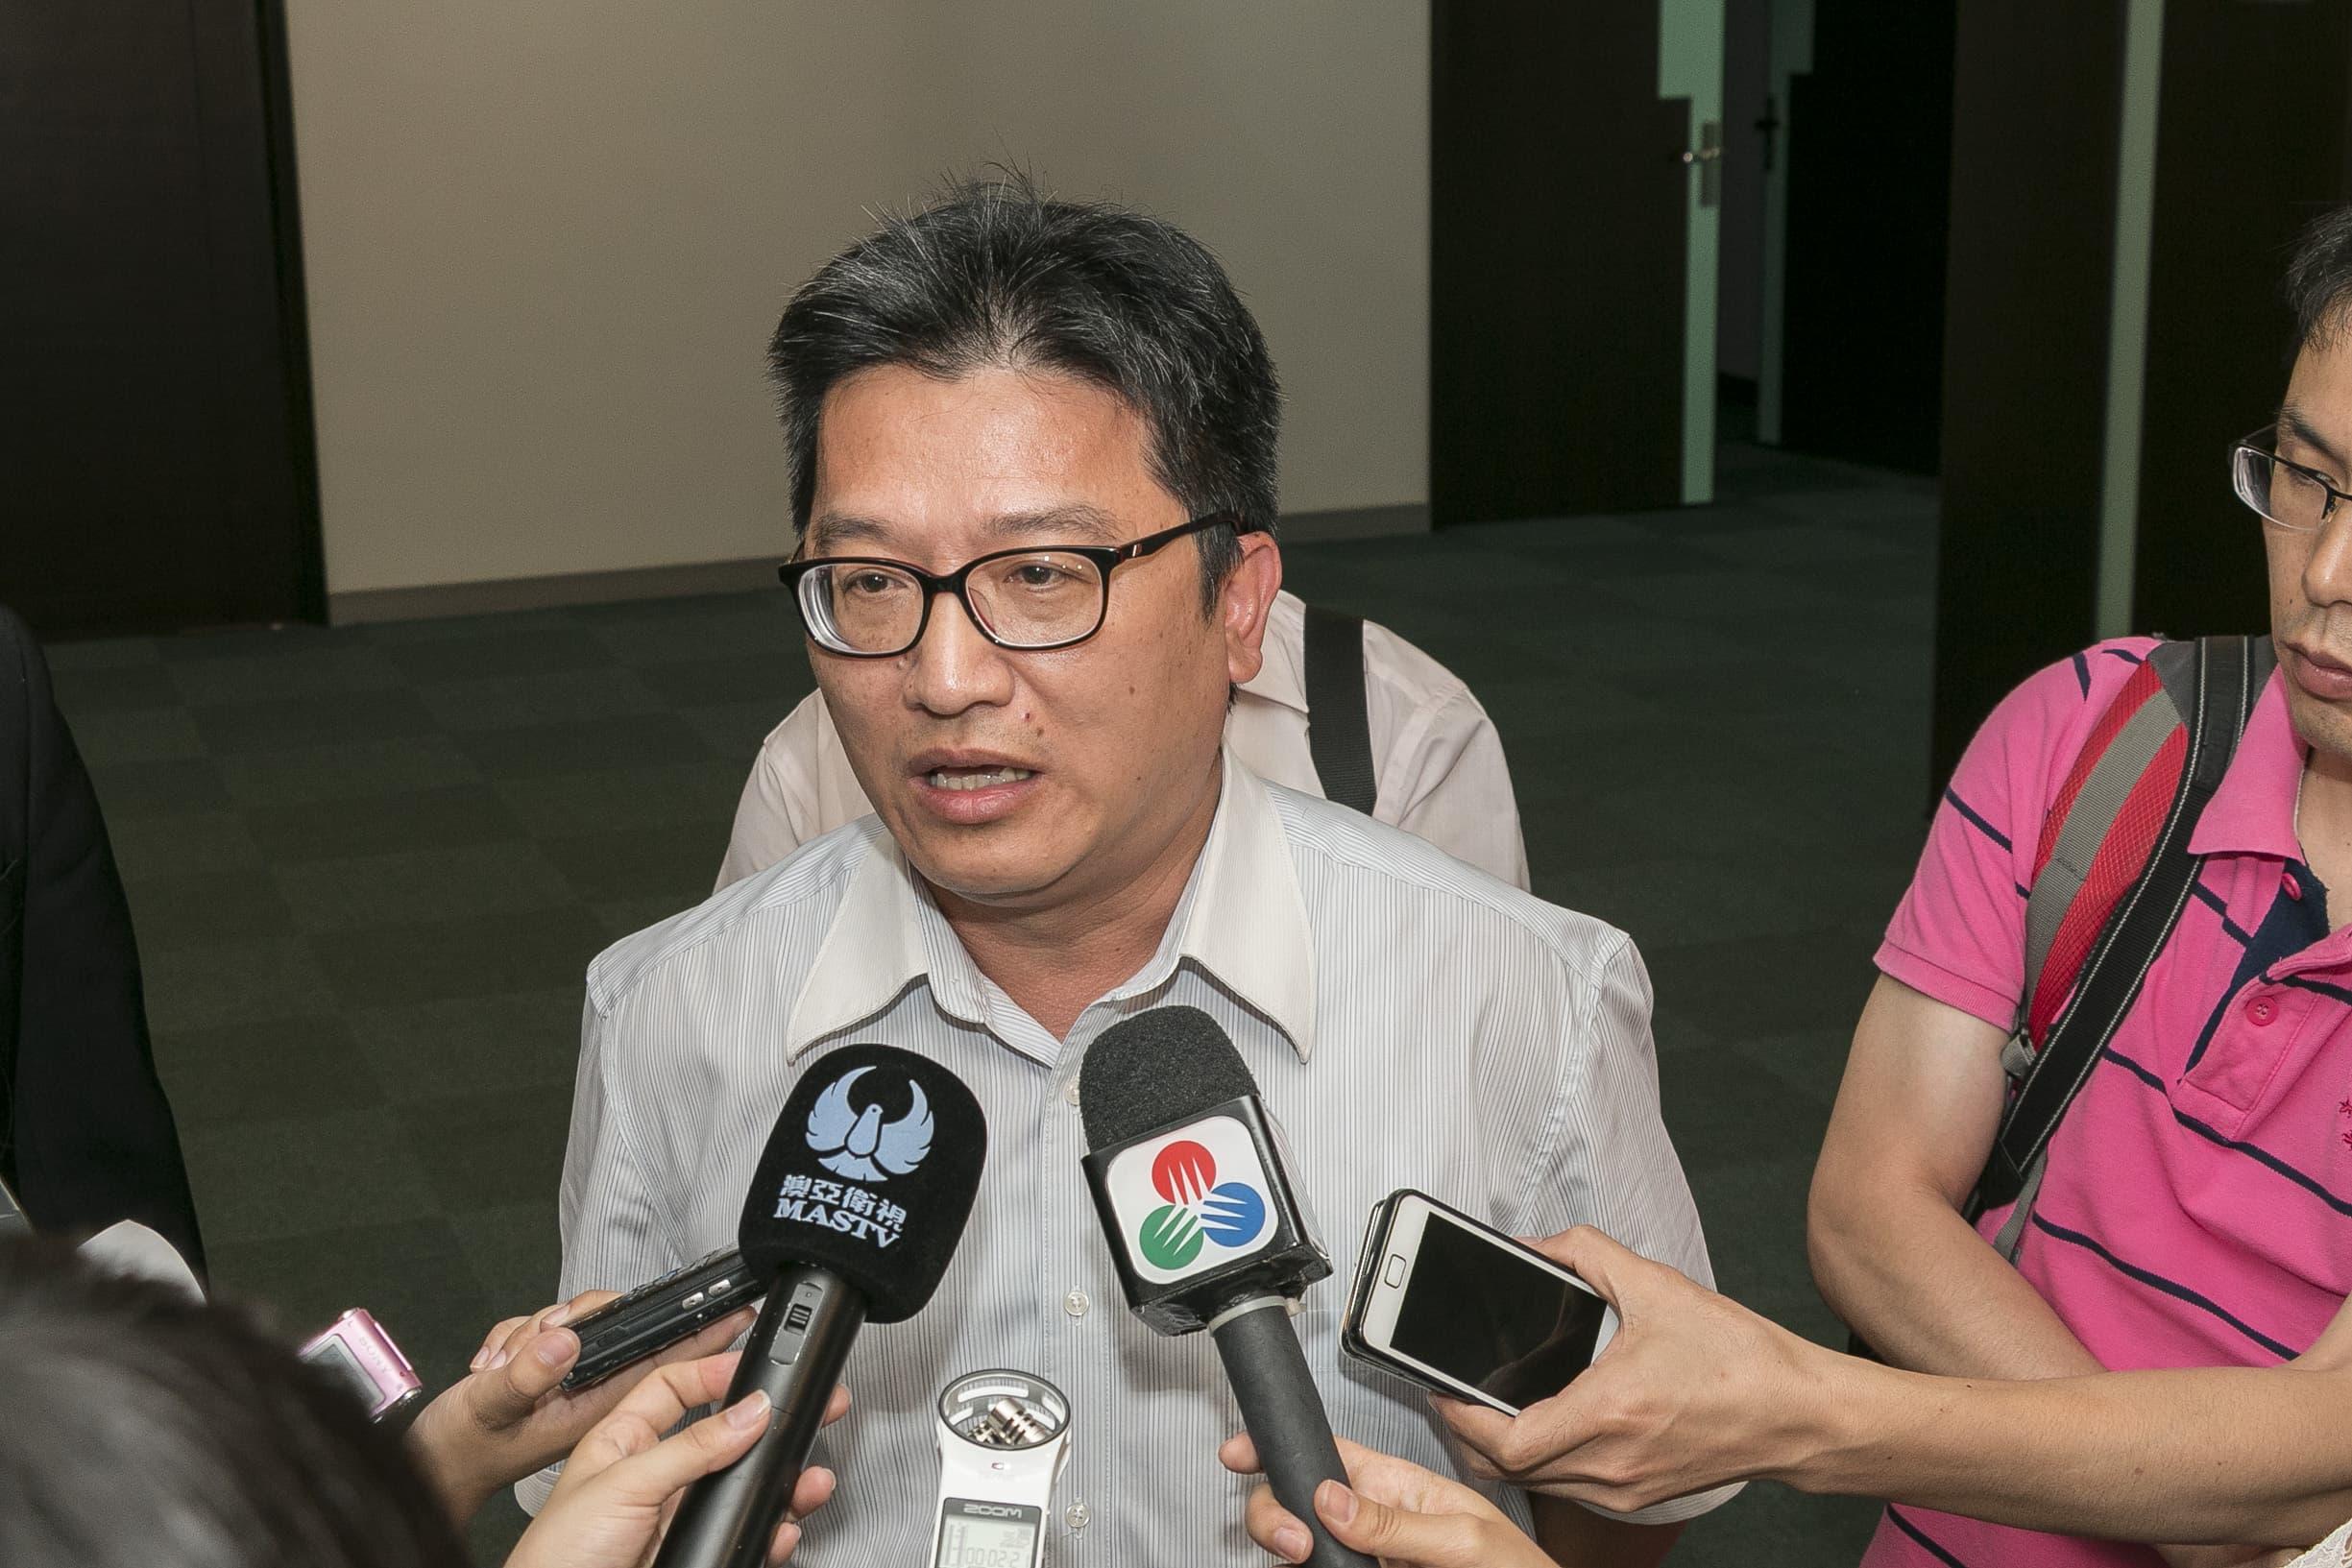 社協討論僱員解僱賠償 : 論盡媒體 AllAboutMacau Media